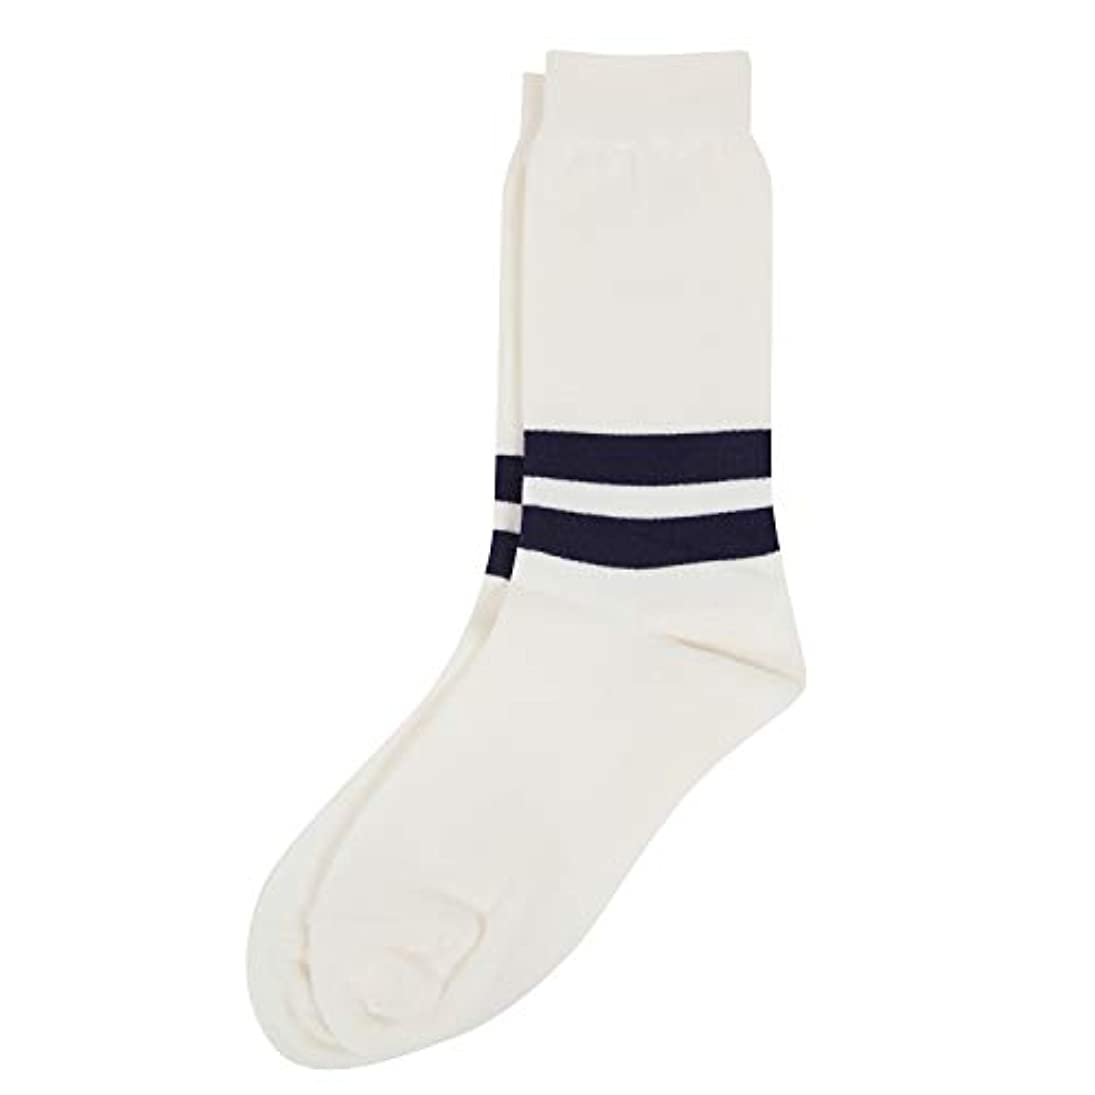 遺棄された下線百年Deol(デオル) ラインソックス 男性用 メンズ [足のニオイ対策] 長期間持続 日本製 無地 靴下 白 25cm-27cm